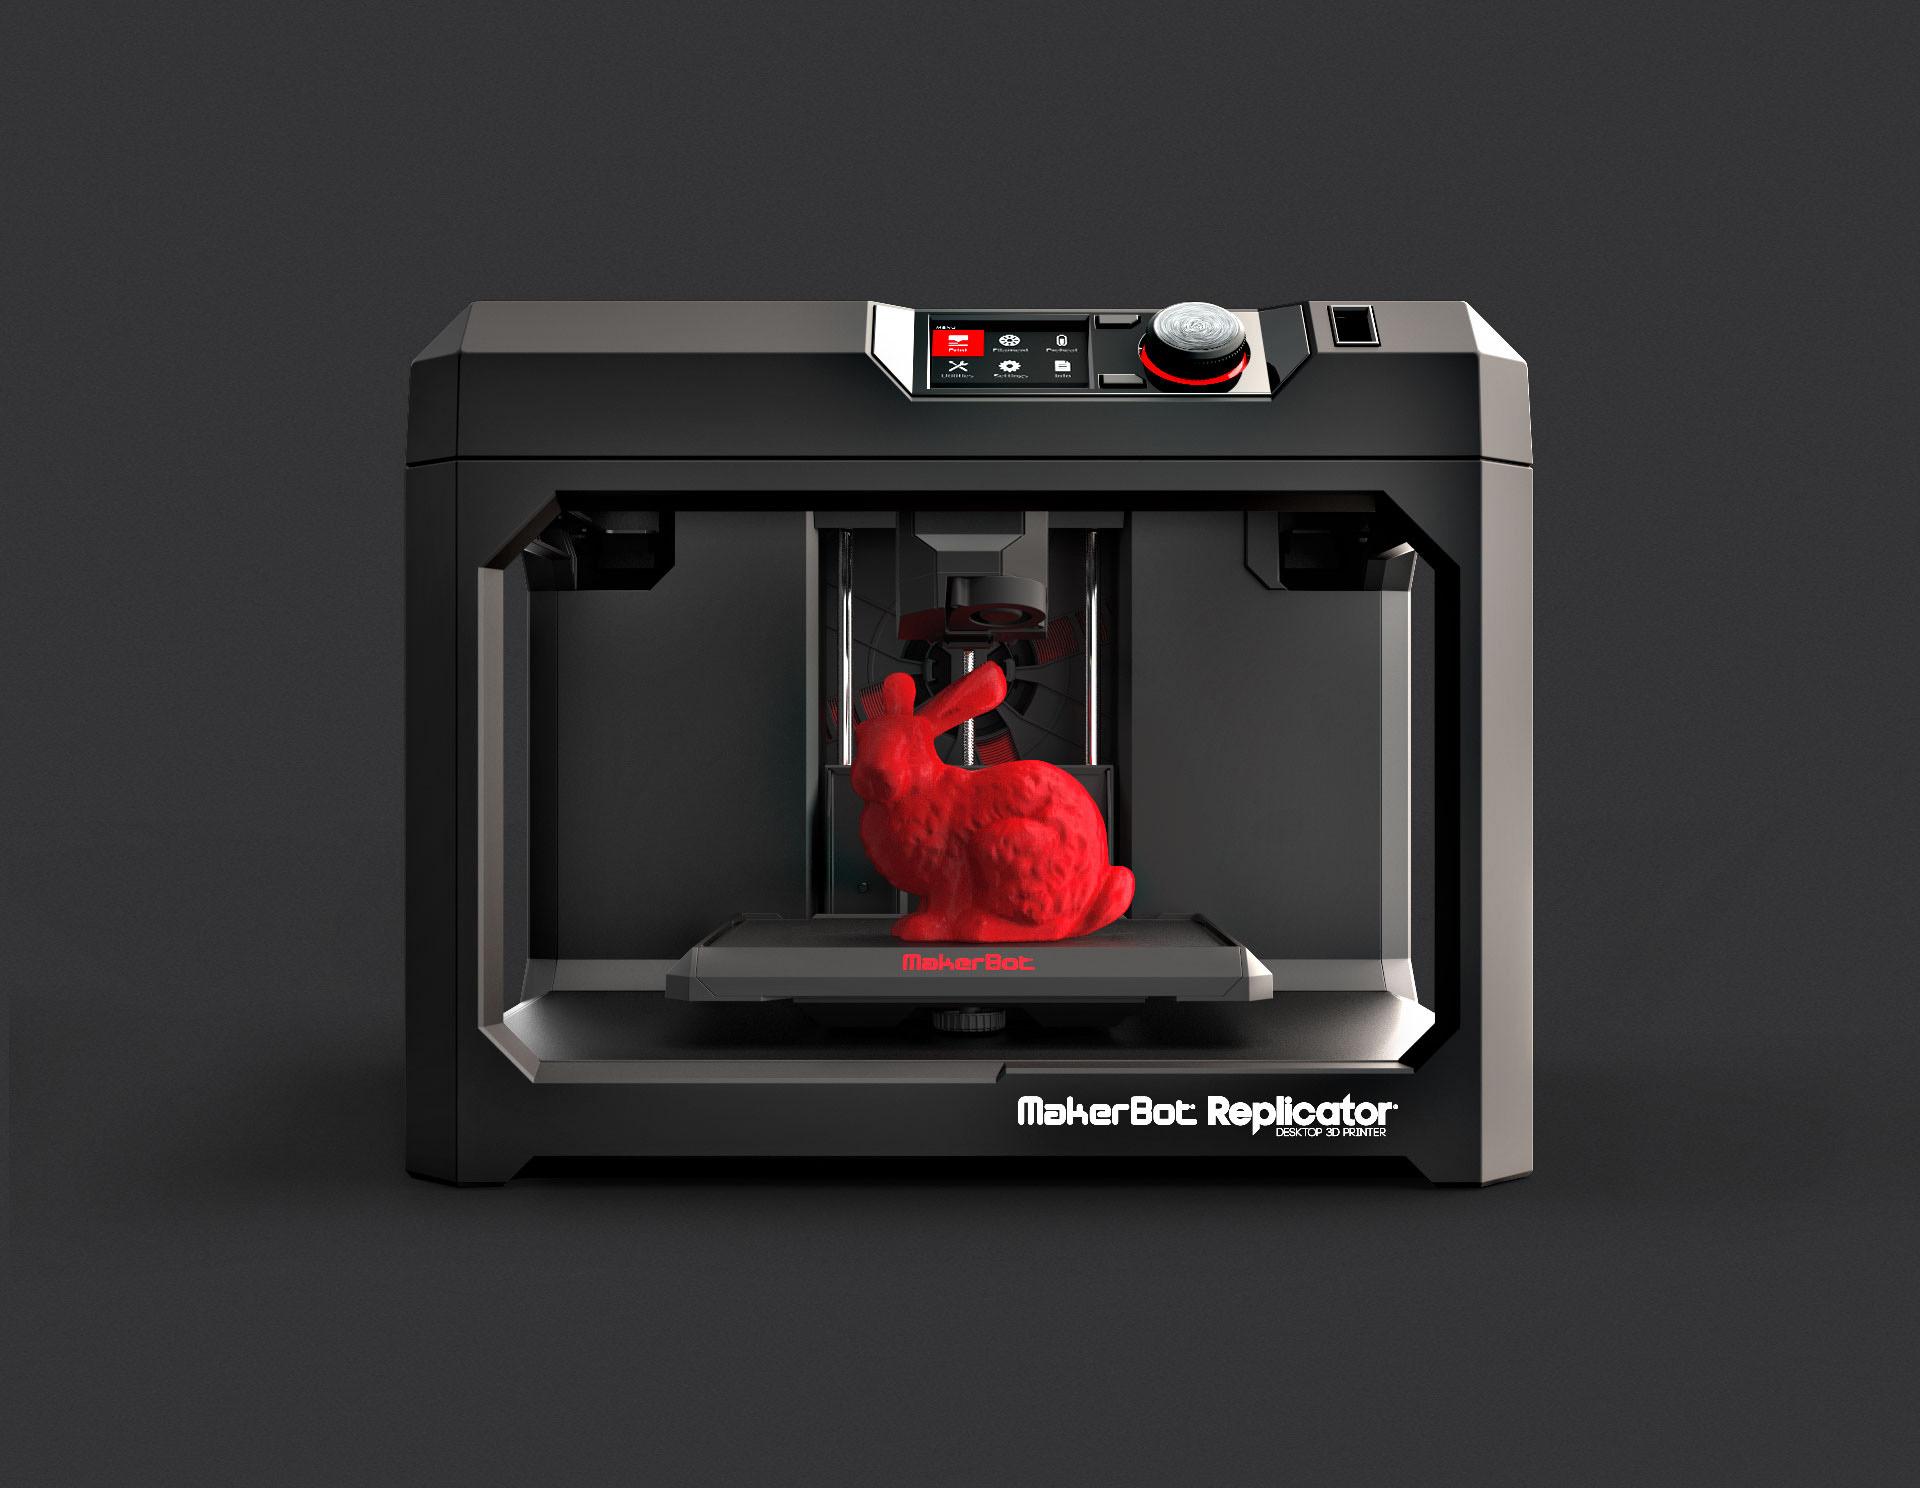 6 MakerBot Replicator 5